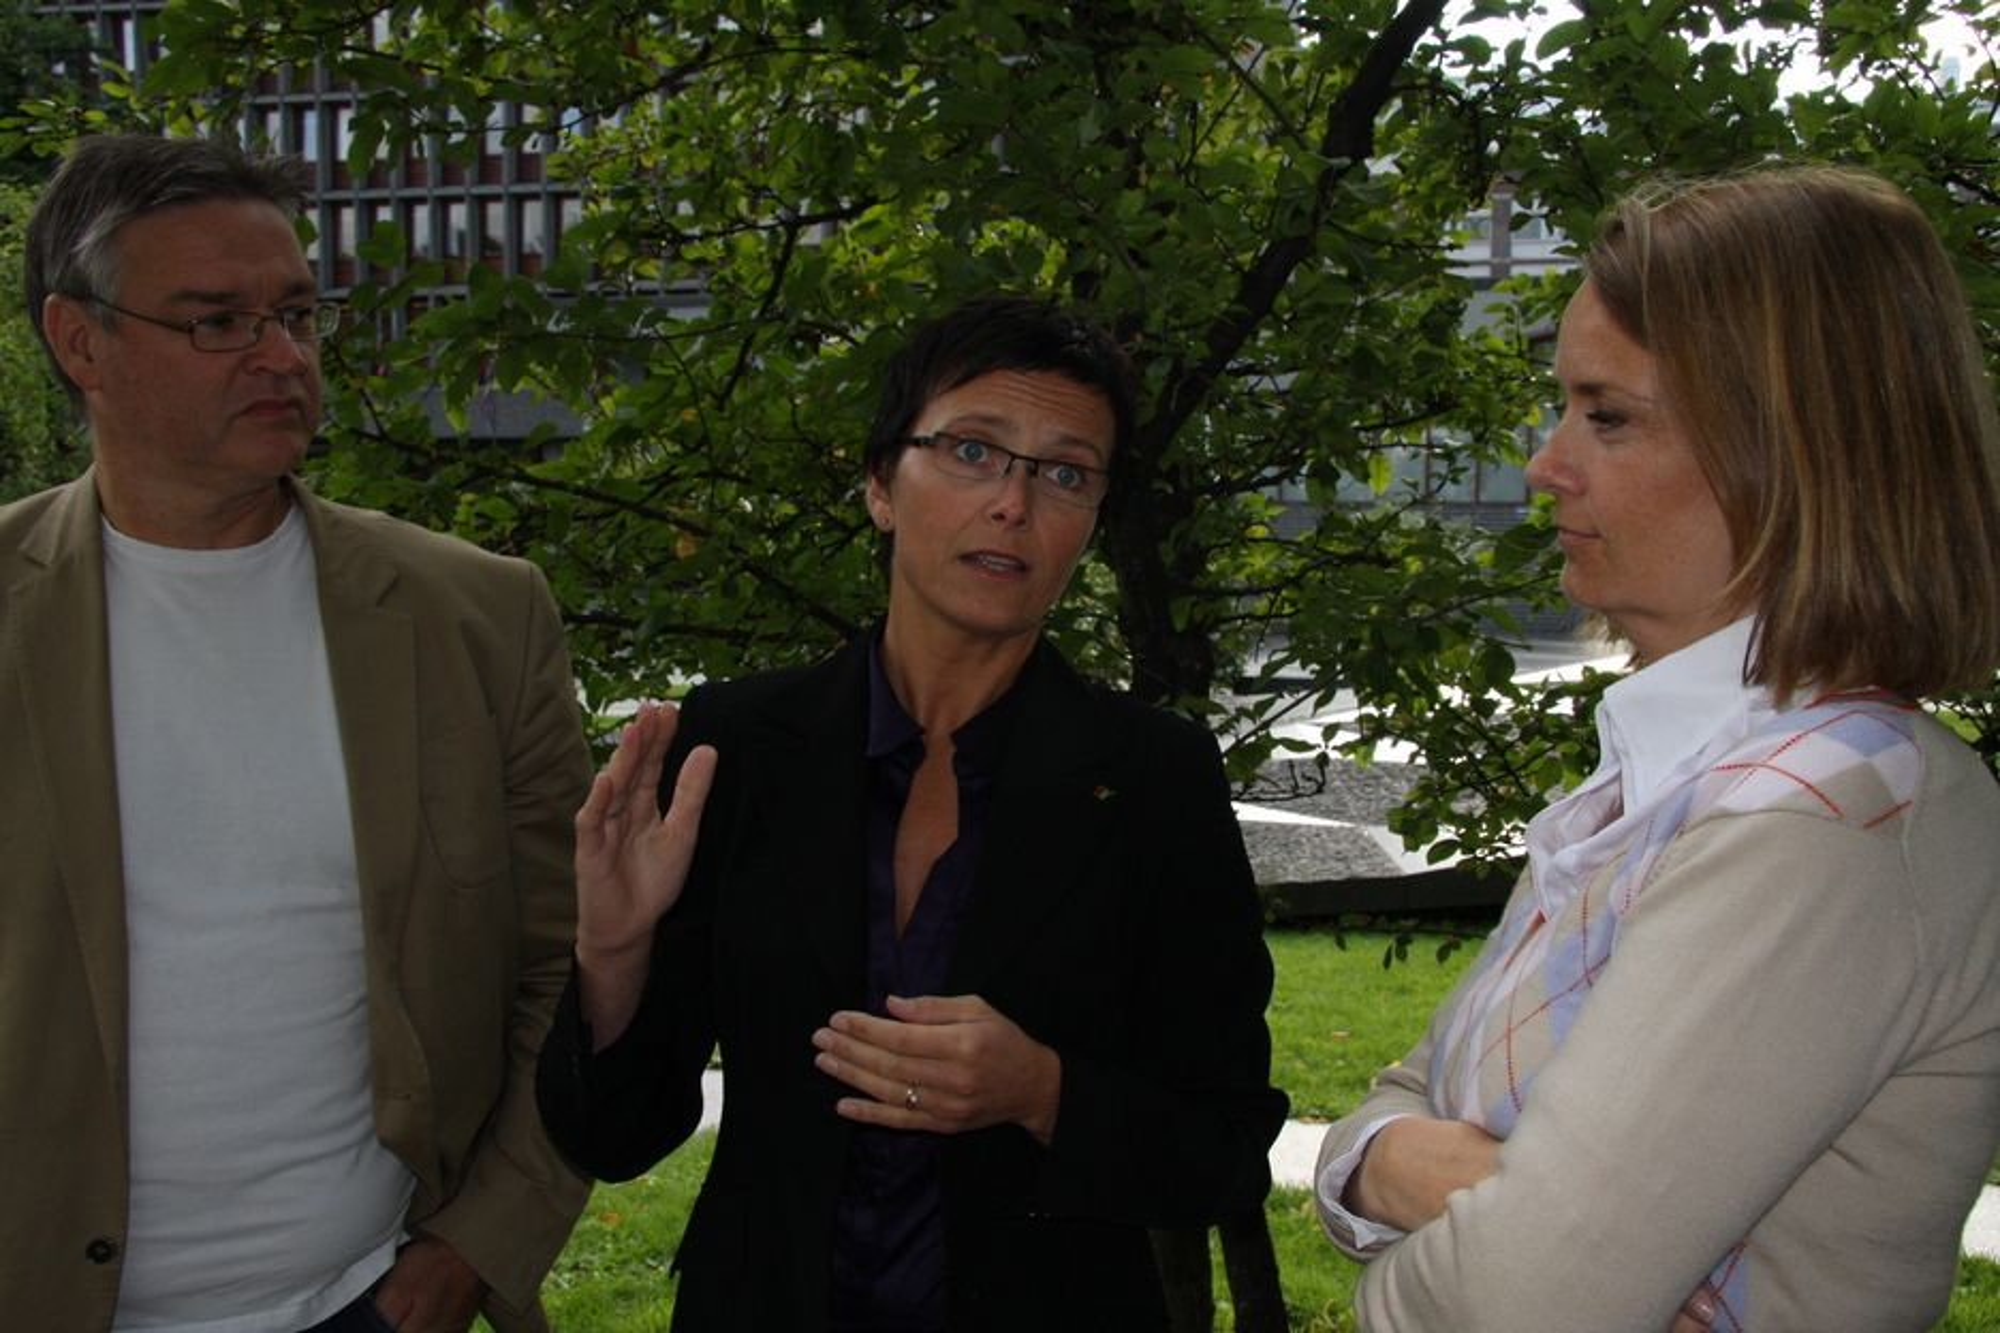 Juryleder Stein Arne Nistad, seniorrådgiver Gazette AS, og jurymedlem Benedicte Waaler (t.h.), prosjektleder for Grønn IT i IKT Norge,  i Rosingjuryen for Grønn IT. Fornyingsminister Heidi Grande Røys tok initiativet.